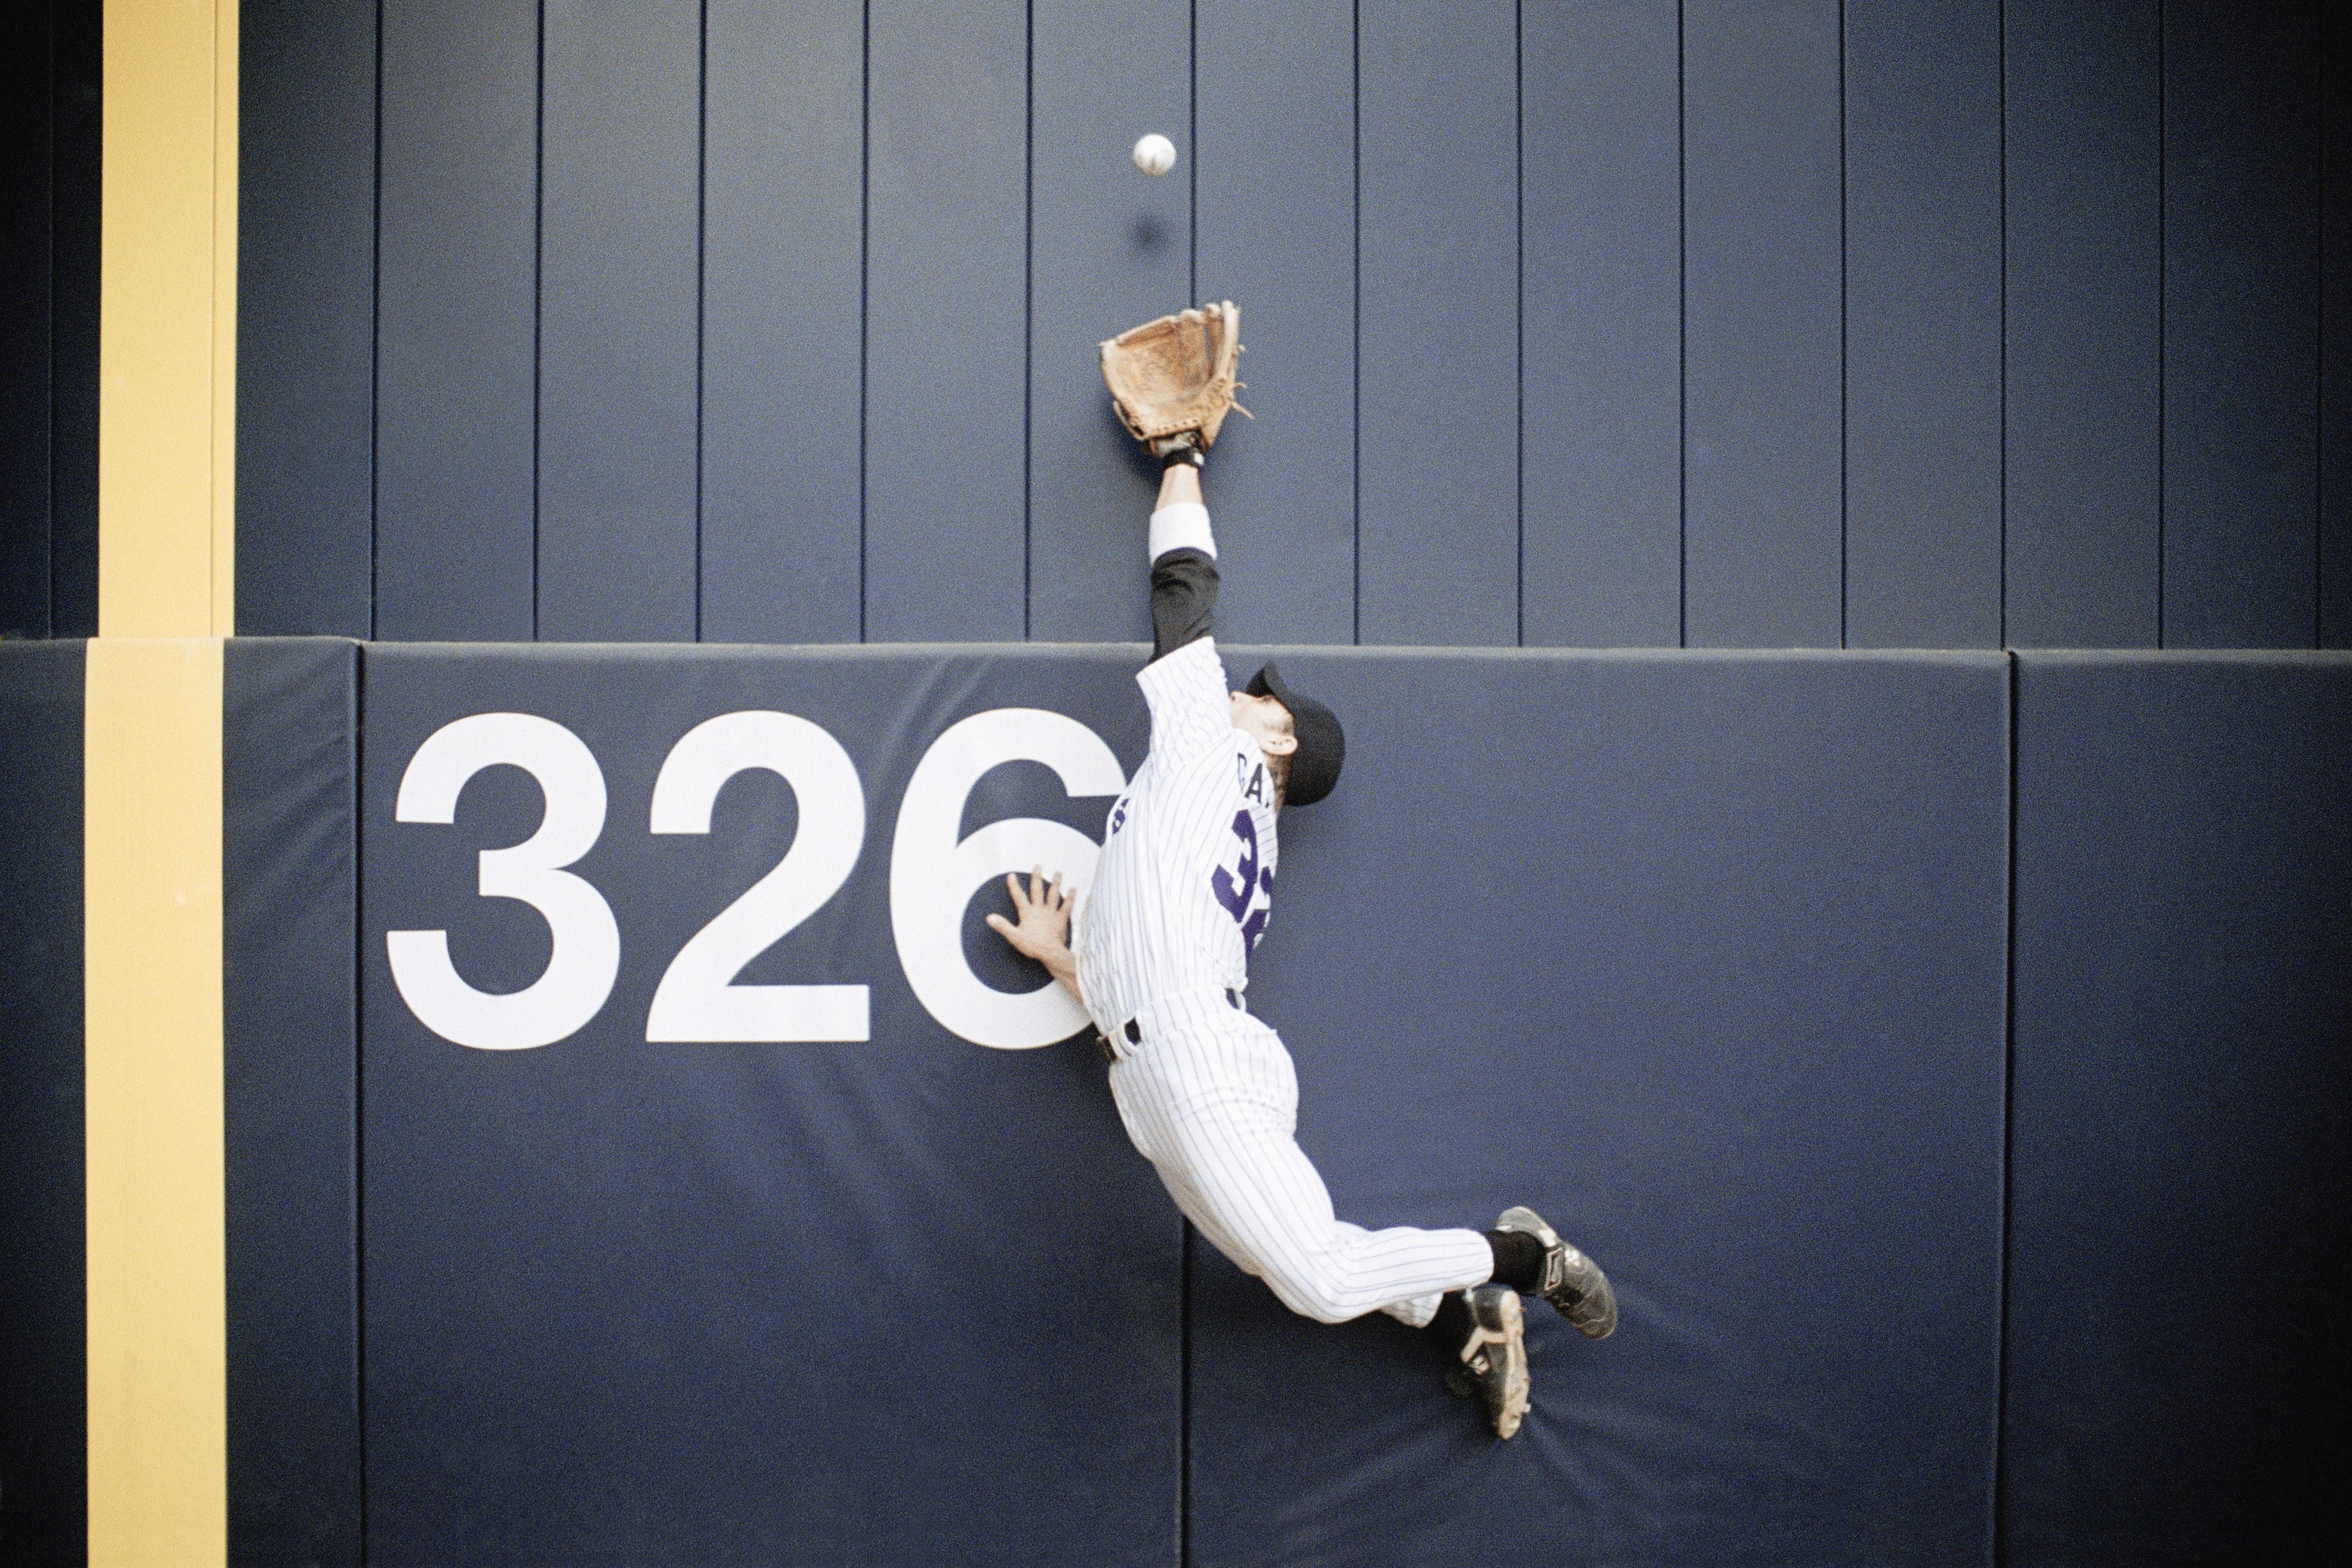 매너가 야구를 만든다?! 야구 불문율